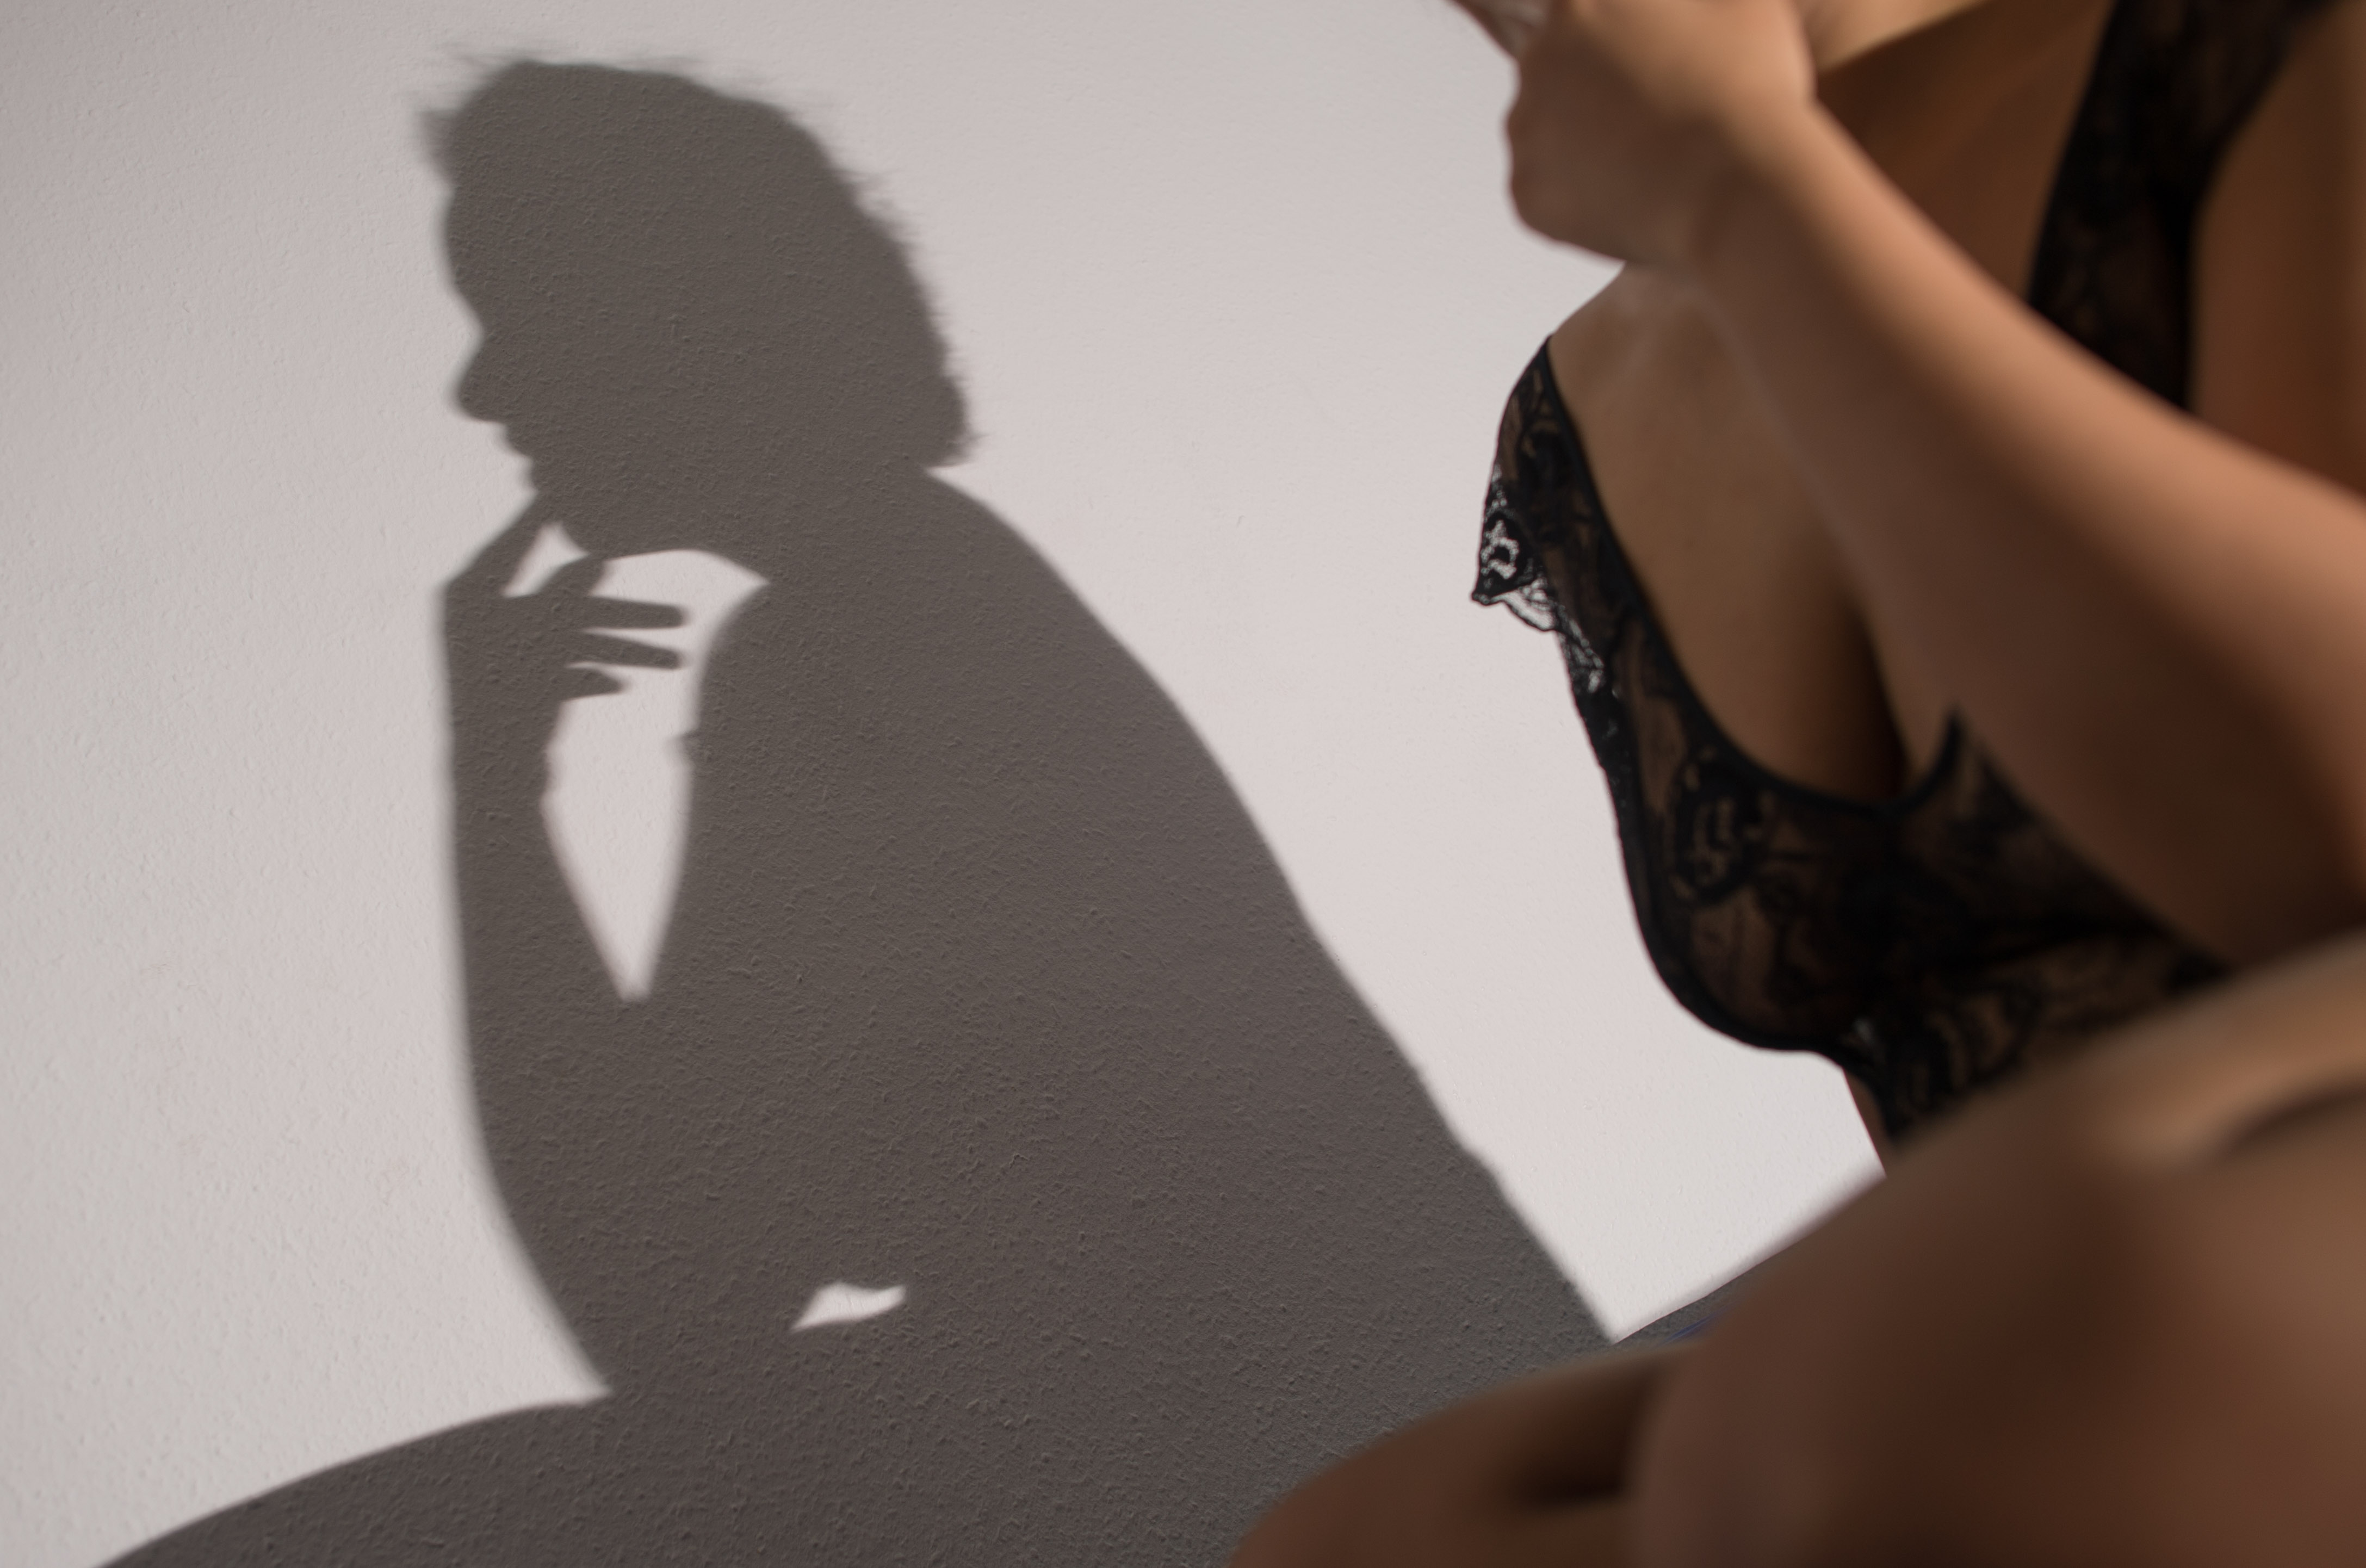 Проститутки на дом в марьино